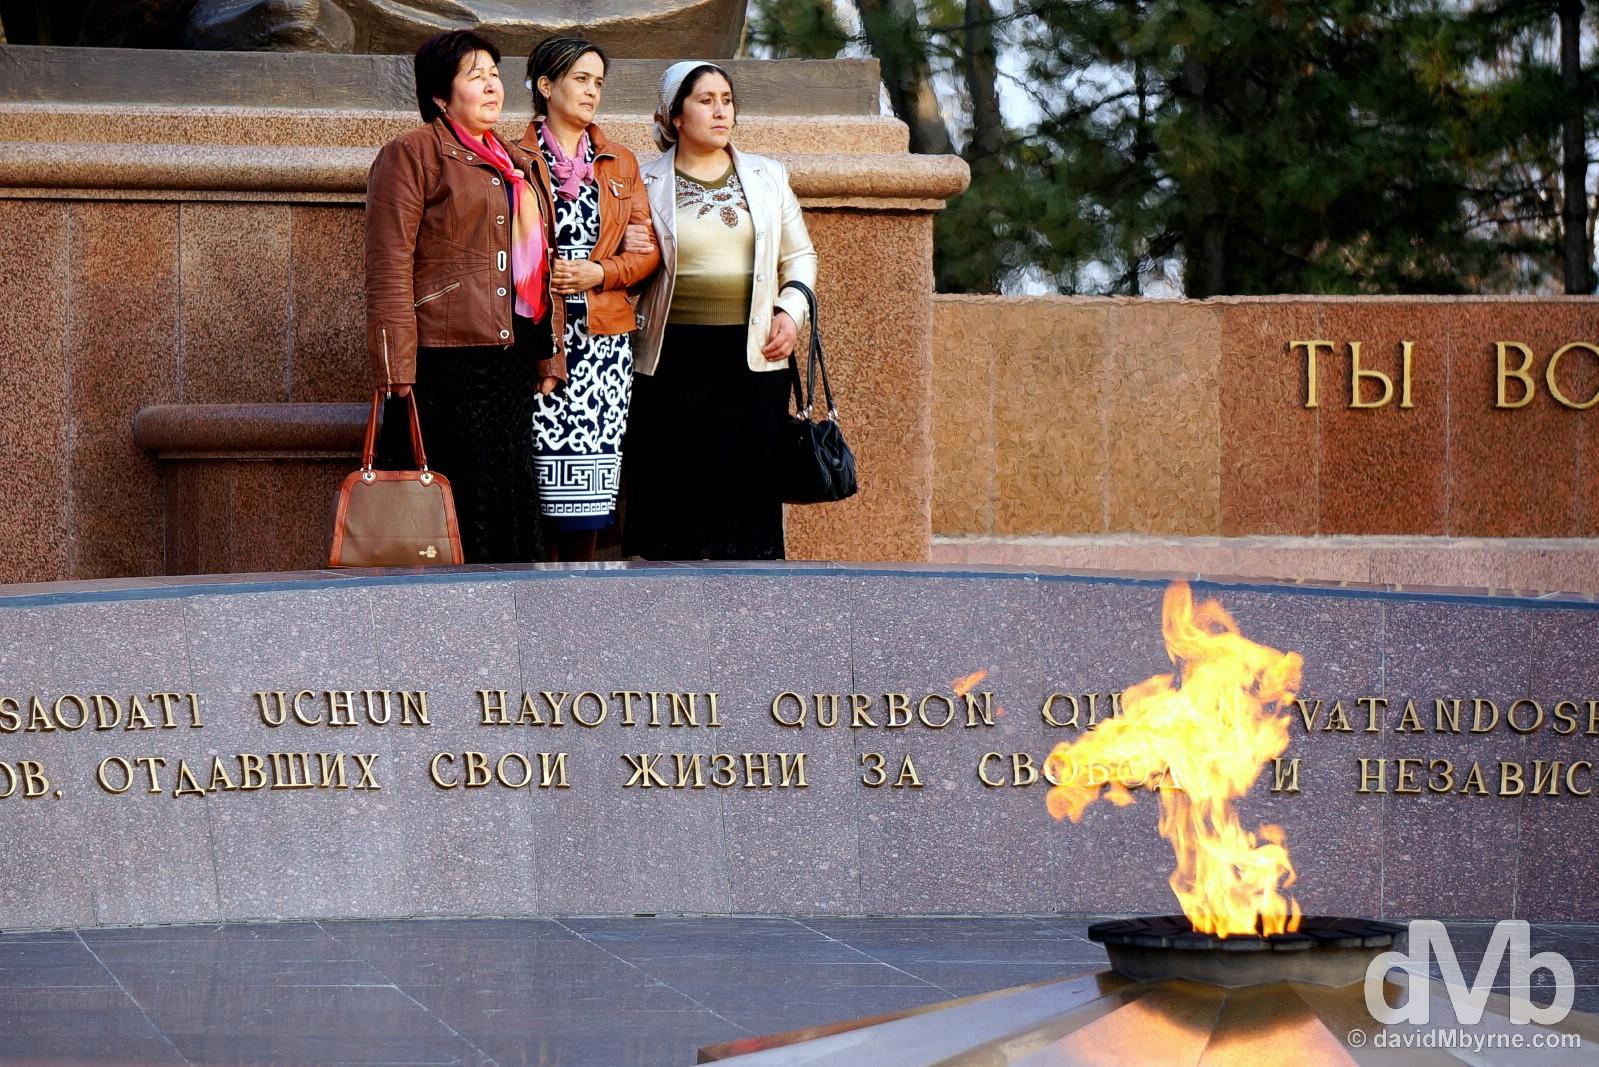 Posing by the Crying Mother Monument in Mustaqillik Maydoni, Tashkent, Uzbekistan. March 5, 2015.